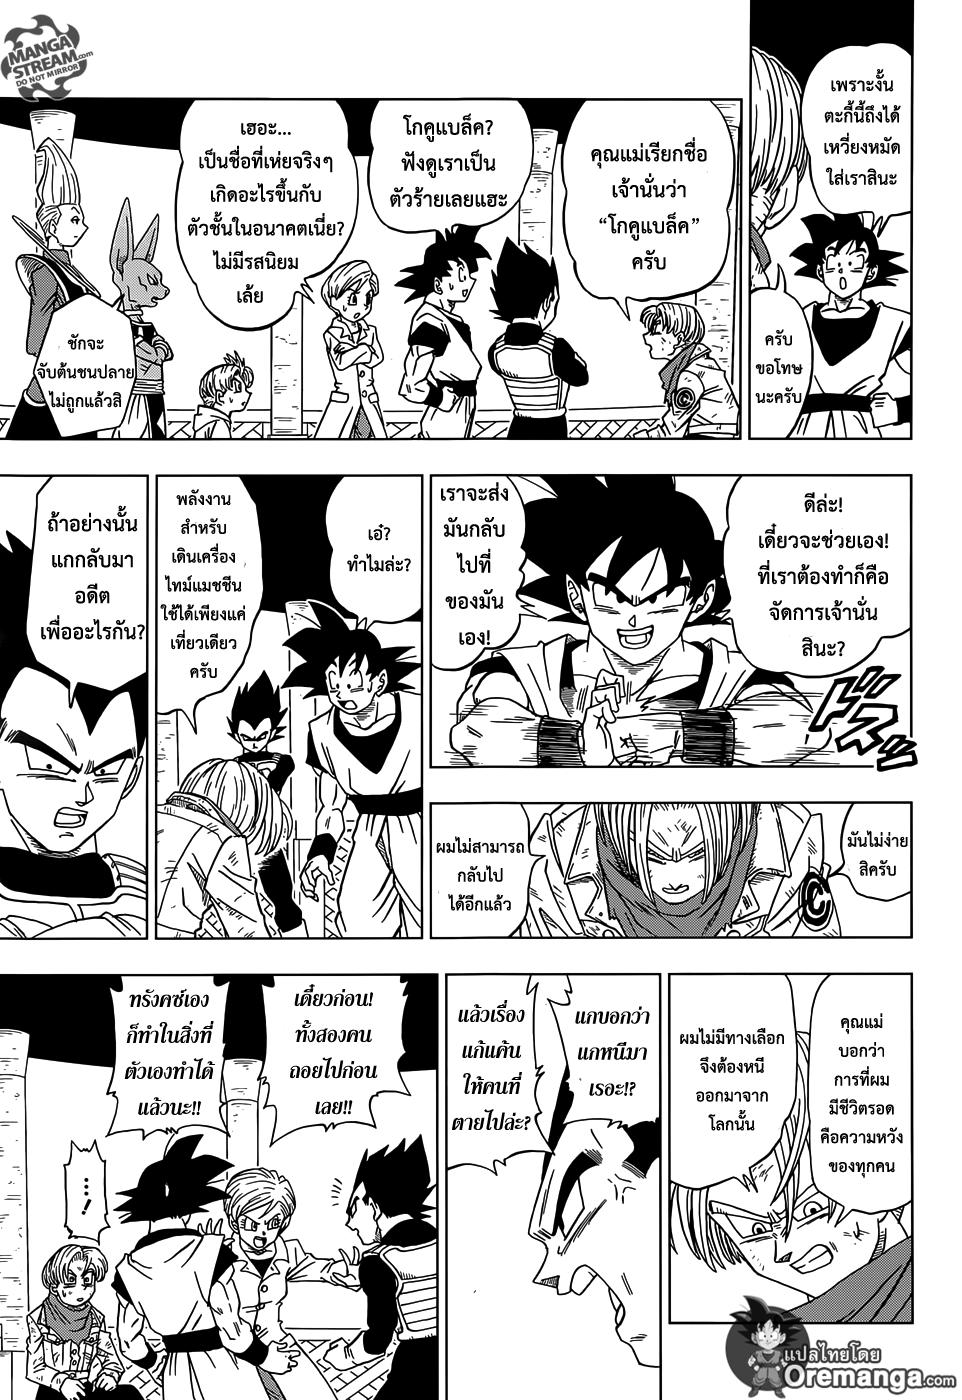 อ่านการ์ตูน Dragonball Super ตอนที่ 15 หน้าที่ 27